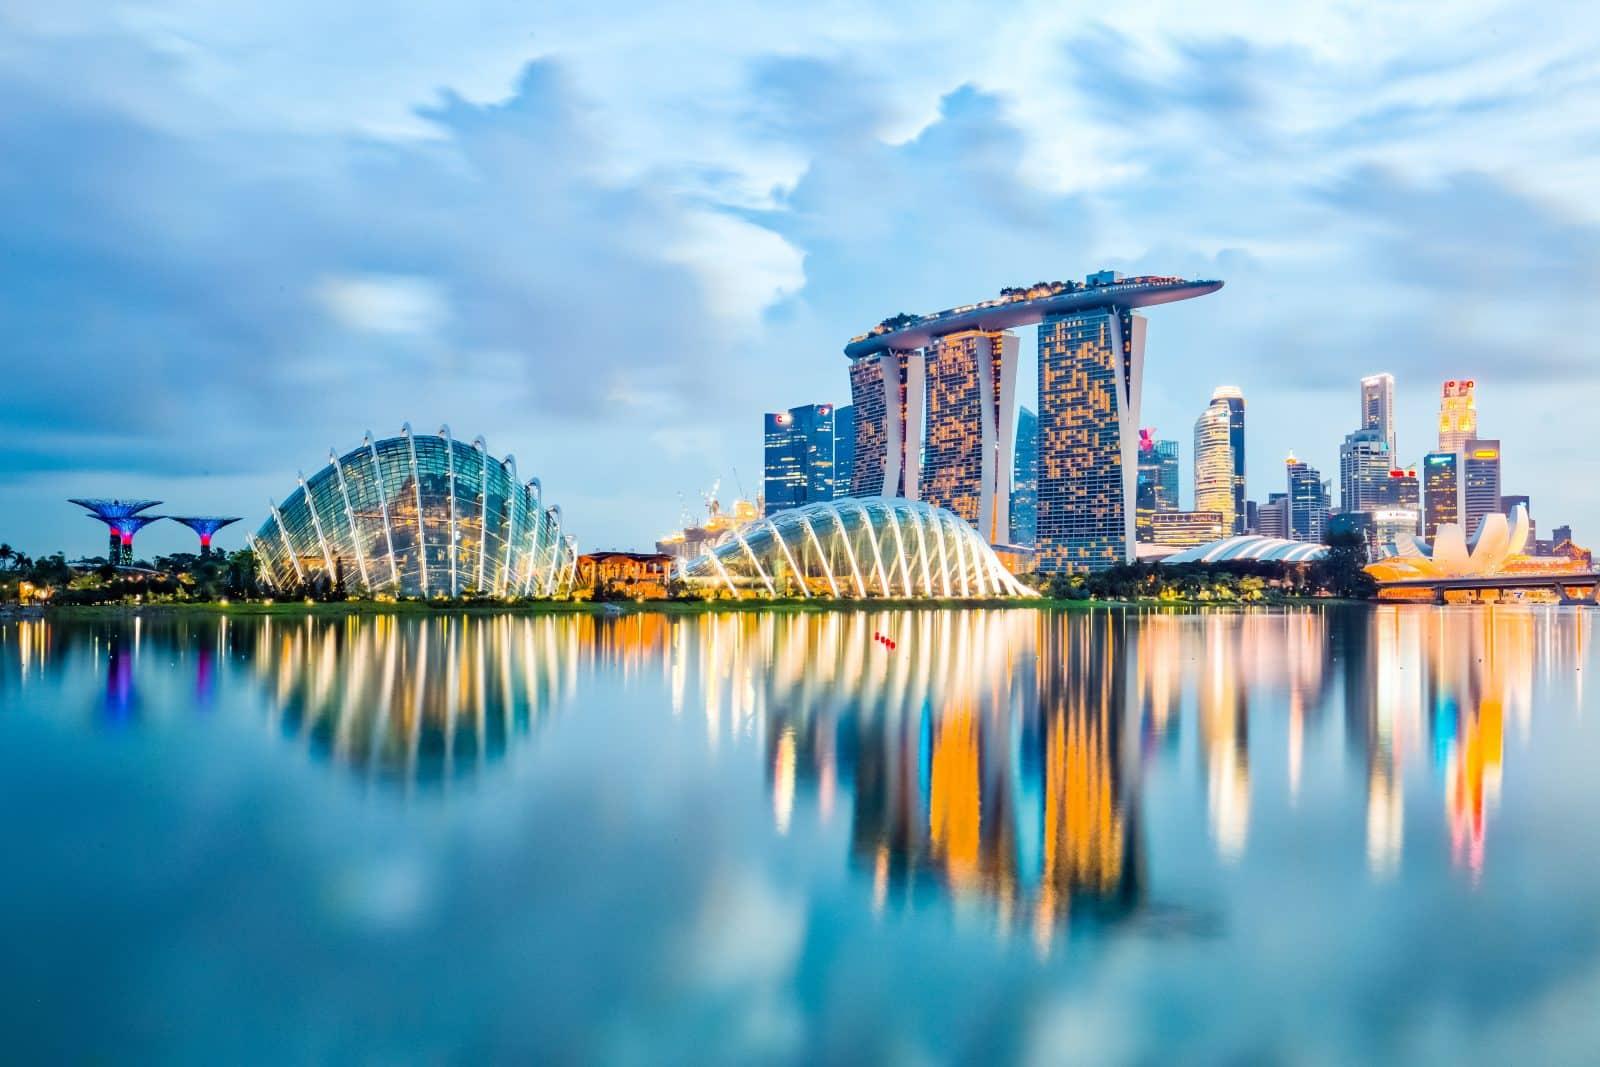 SingaporeAdobeStock_103305335-e1522427645231